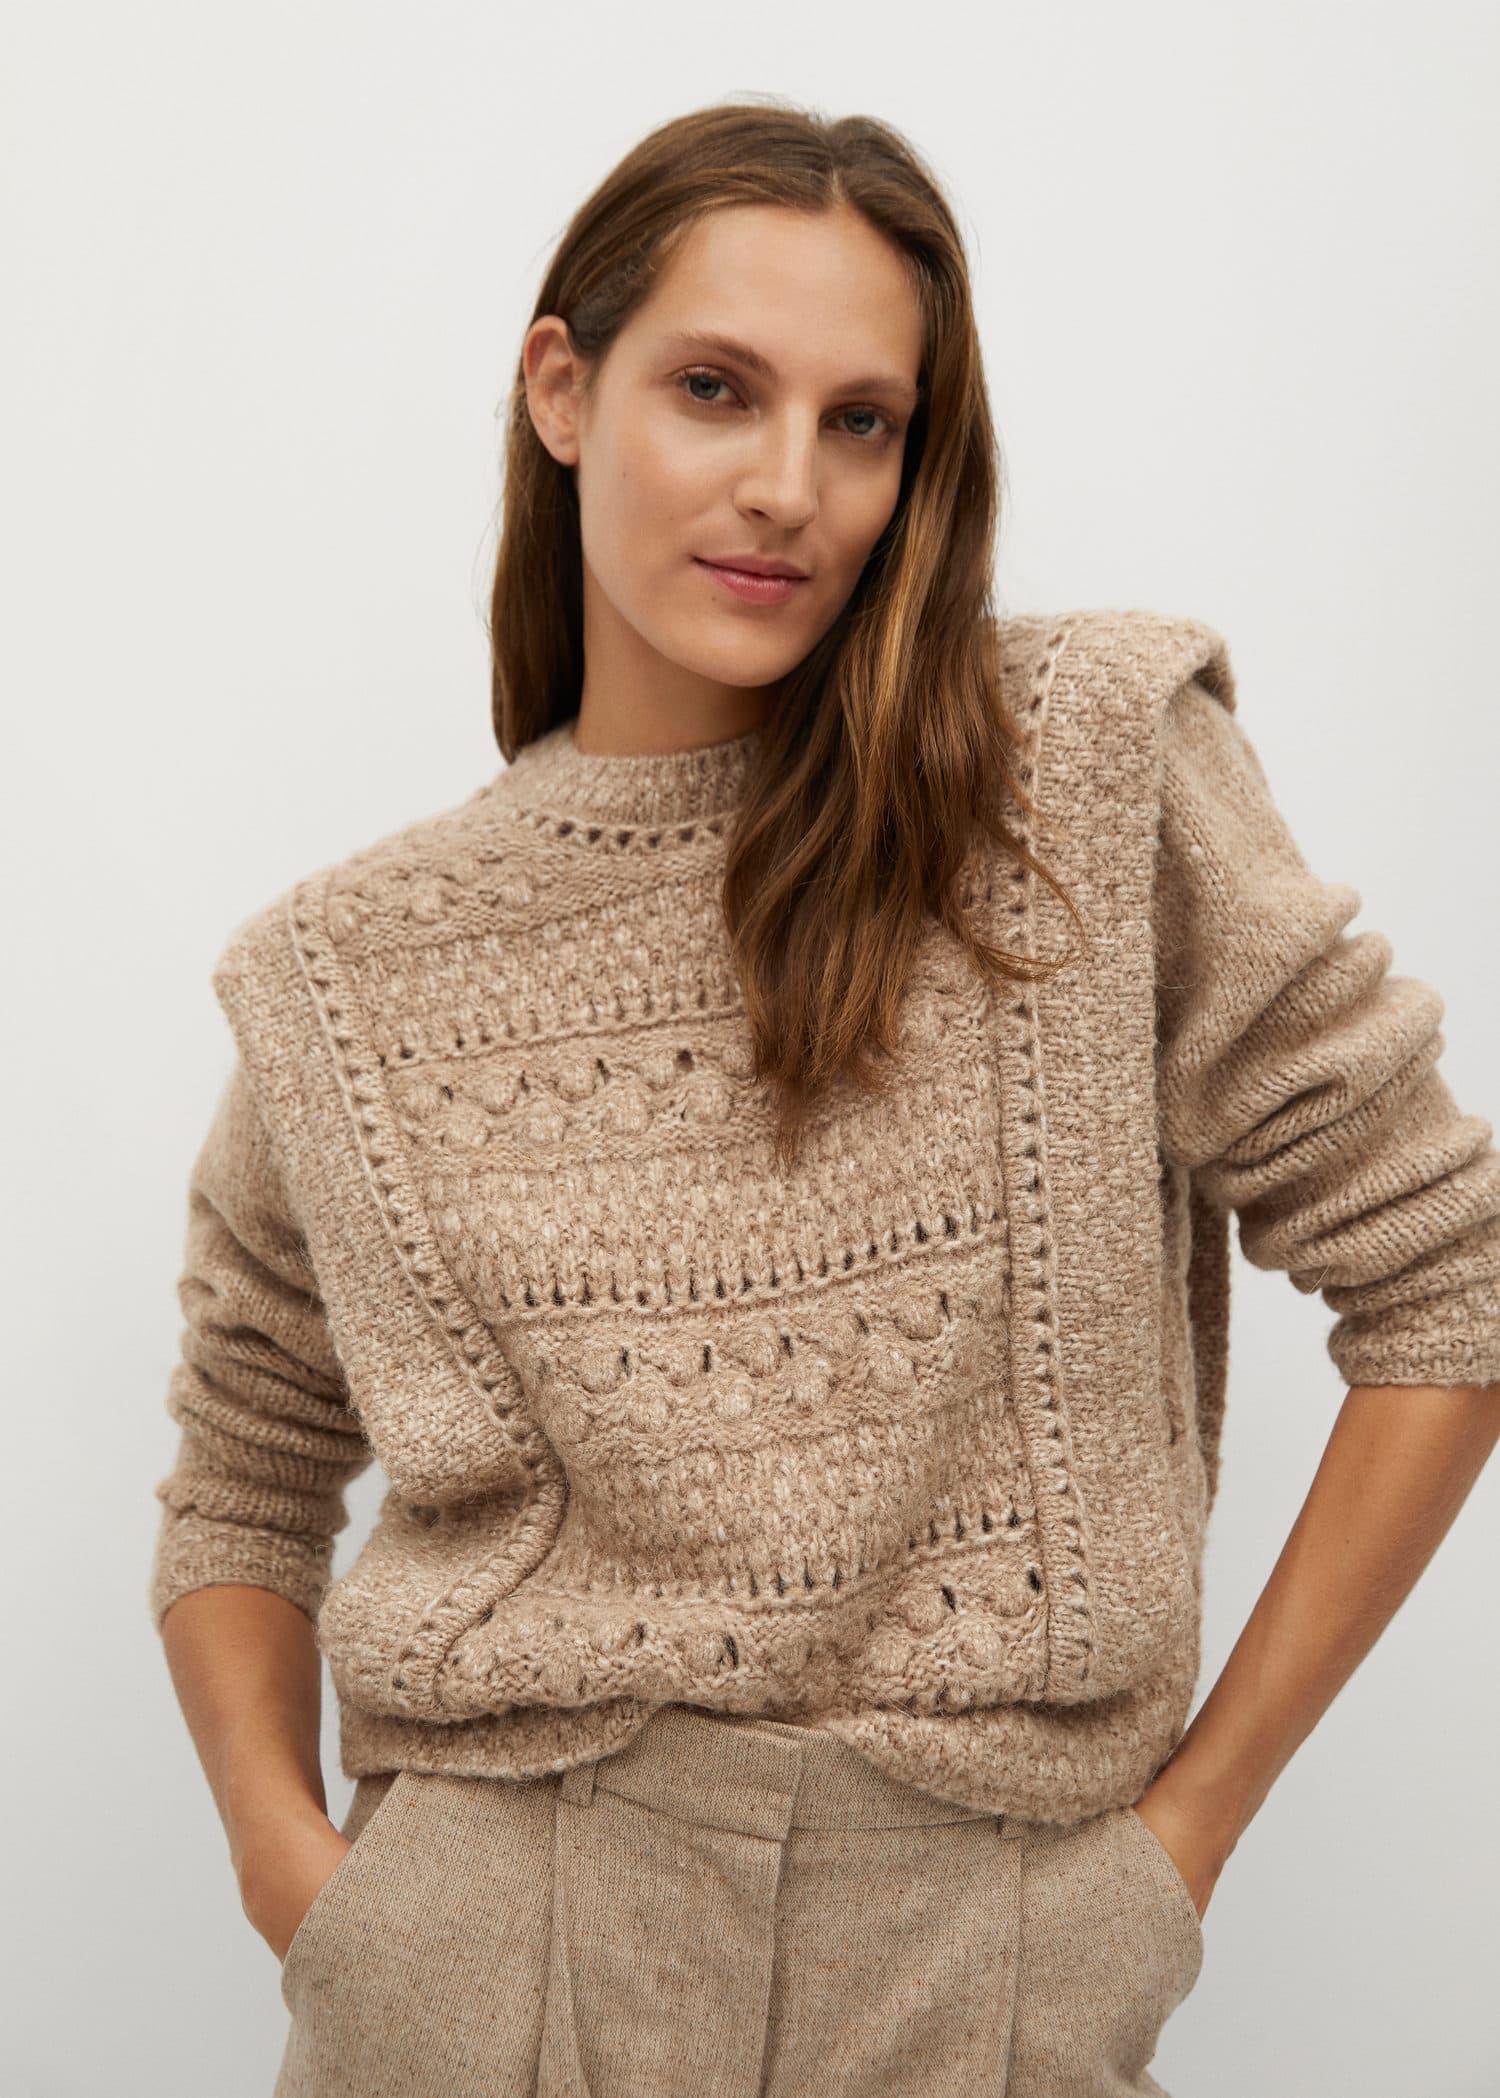 Openwork knit sweater - Medium plane